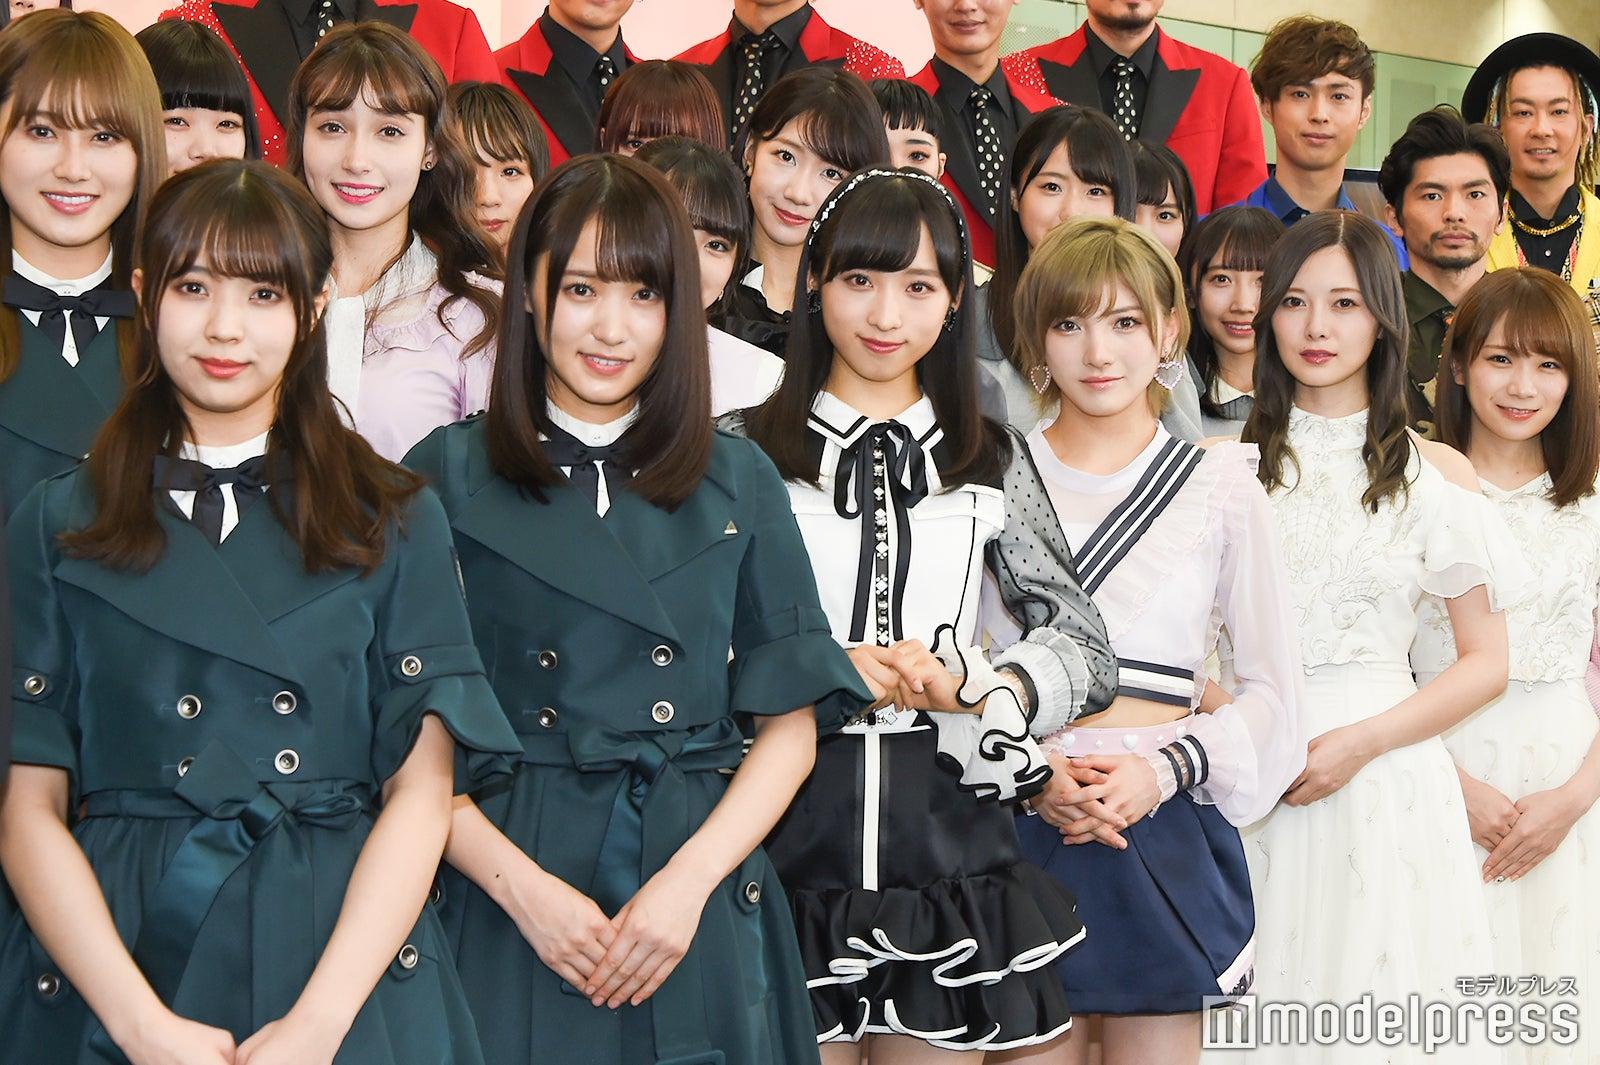 【画像】 AKB代表と乃木坂代表と欅坂代表がガチ対決した結果wwwwwwwwwwwwwwwwwwwwwwww